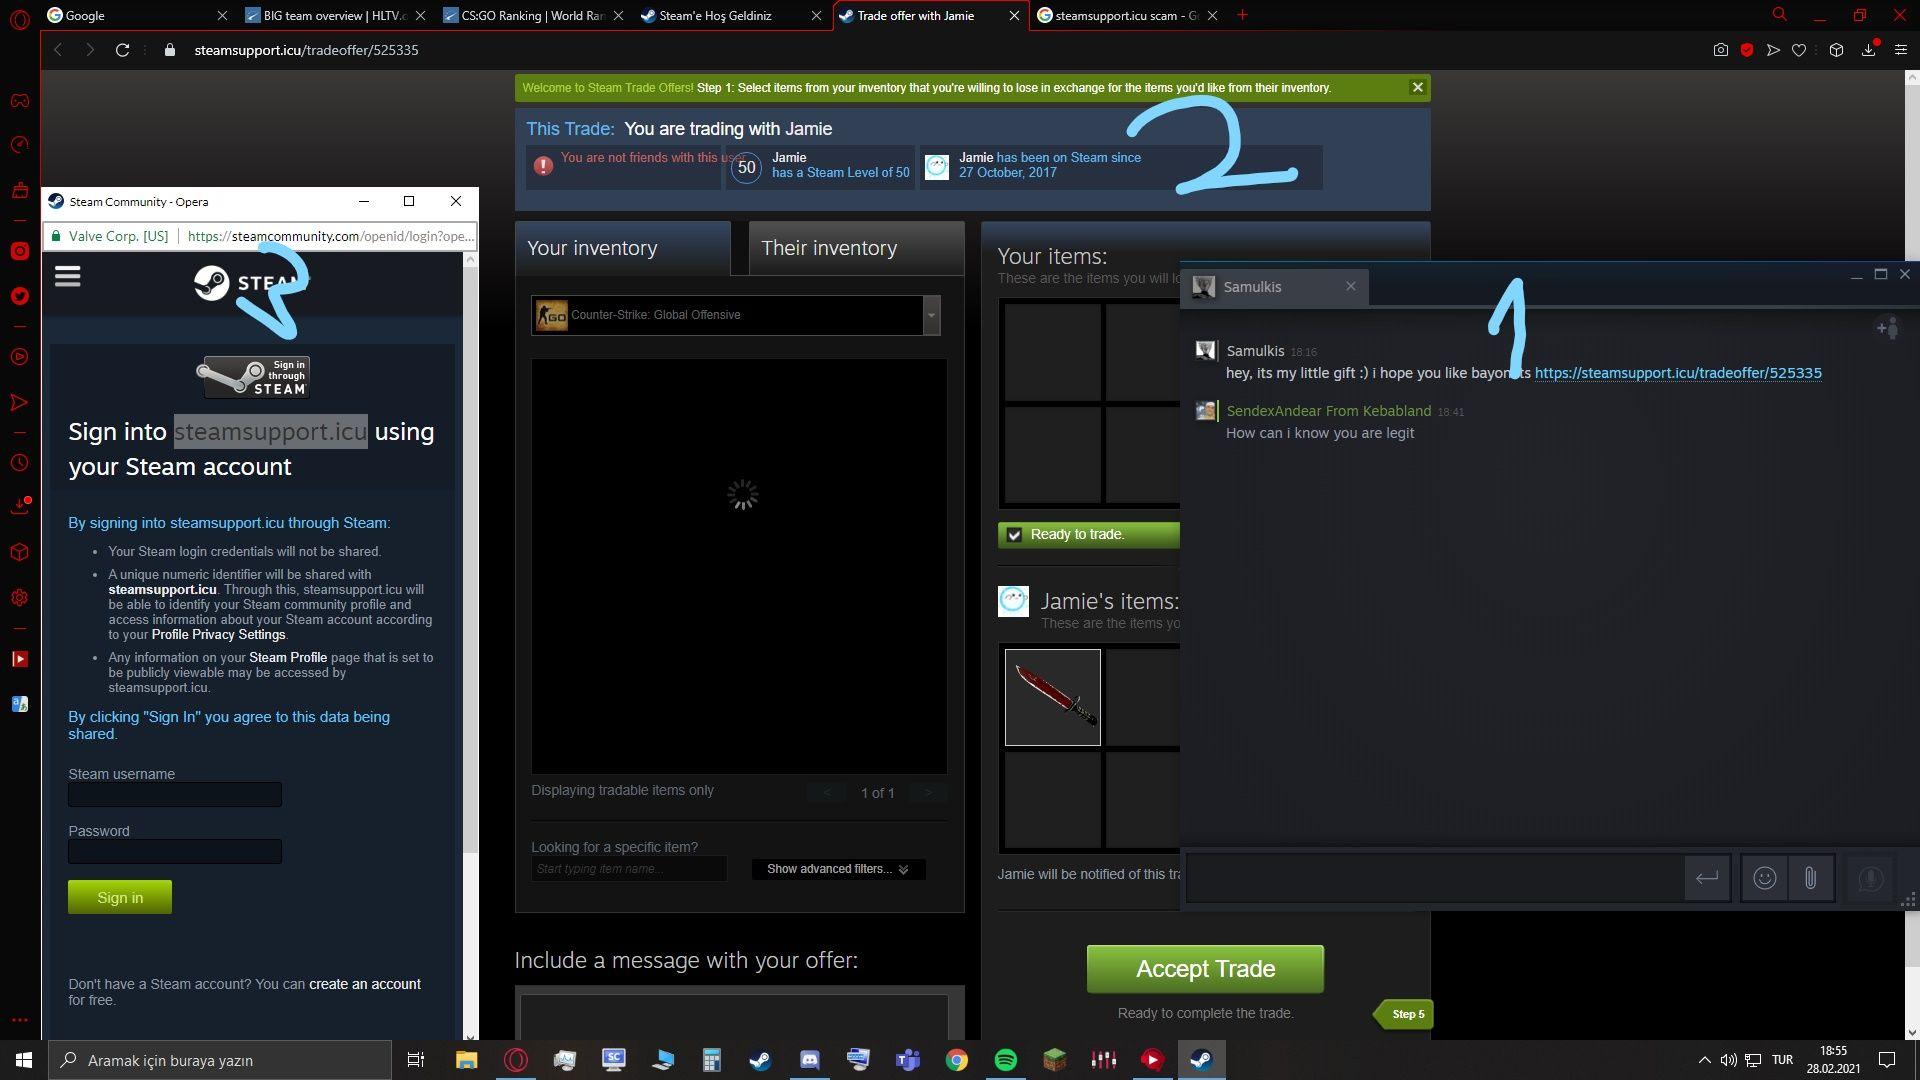 InkedScreenshot - 28_02_LI.jpg